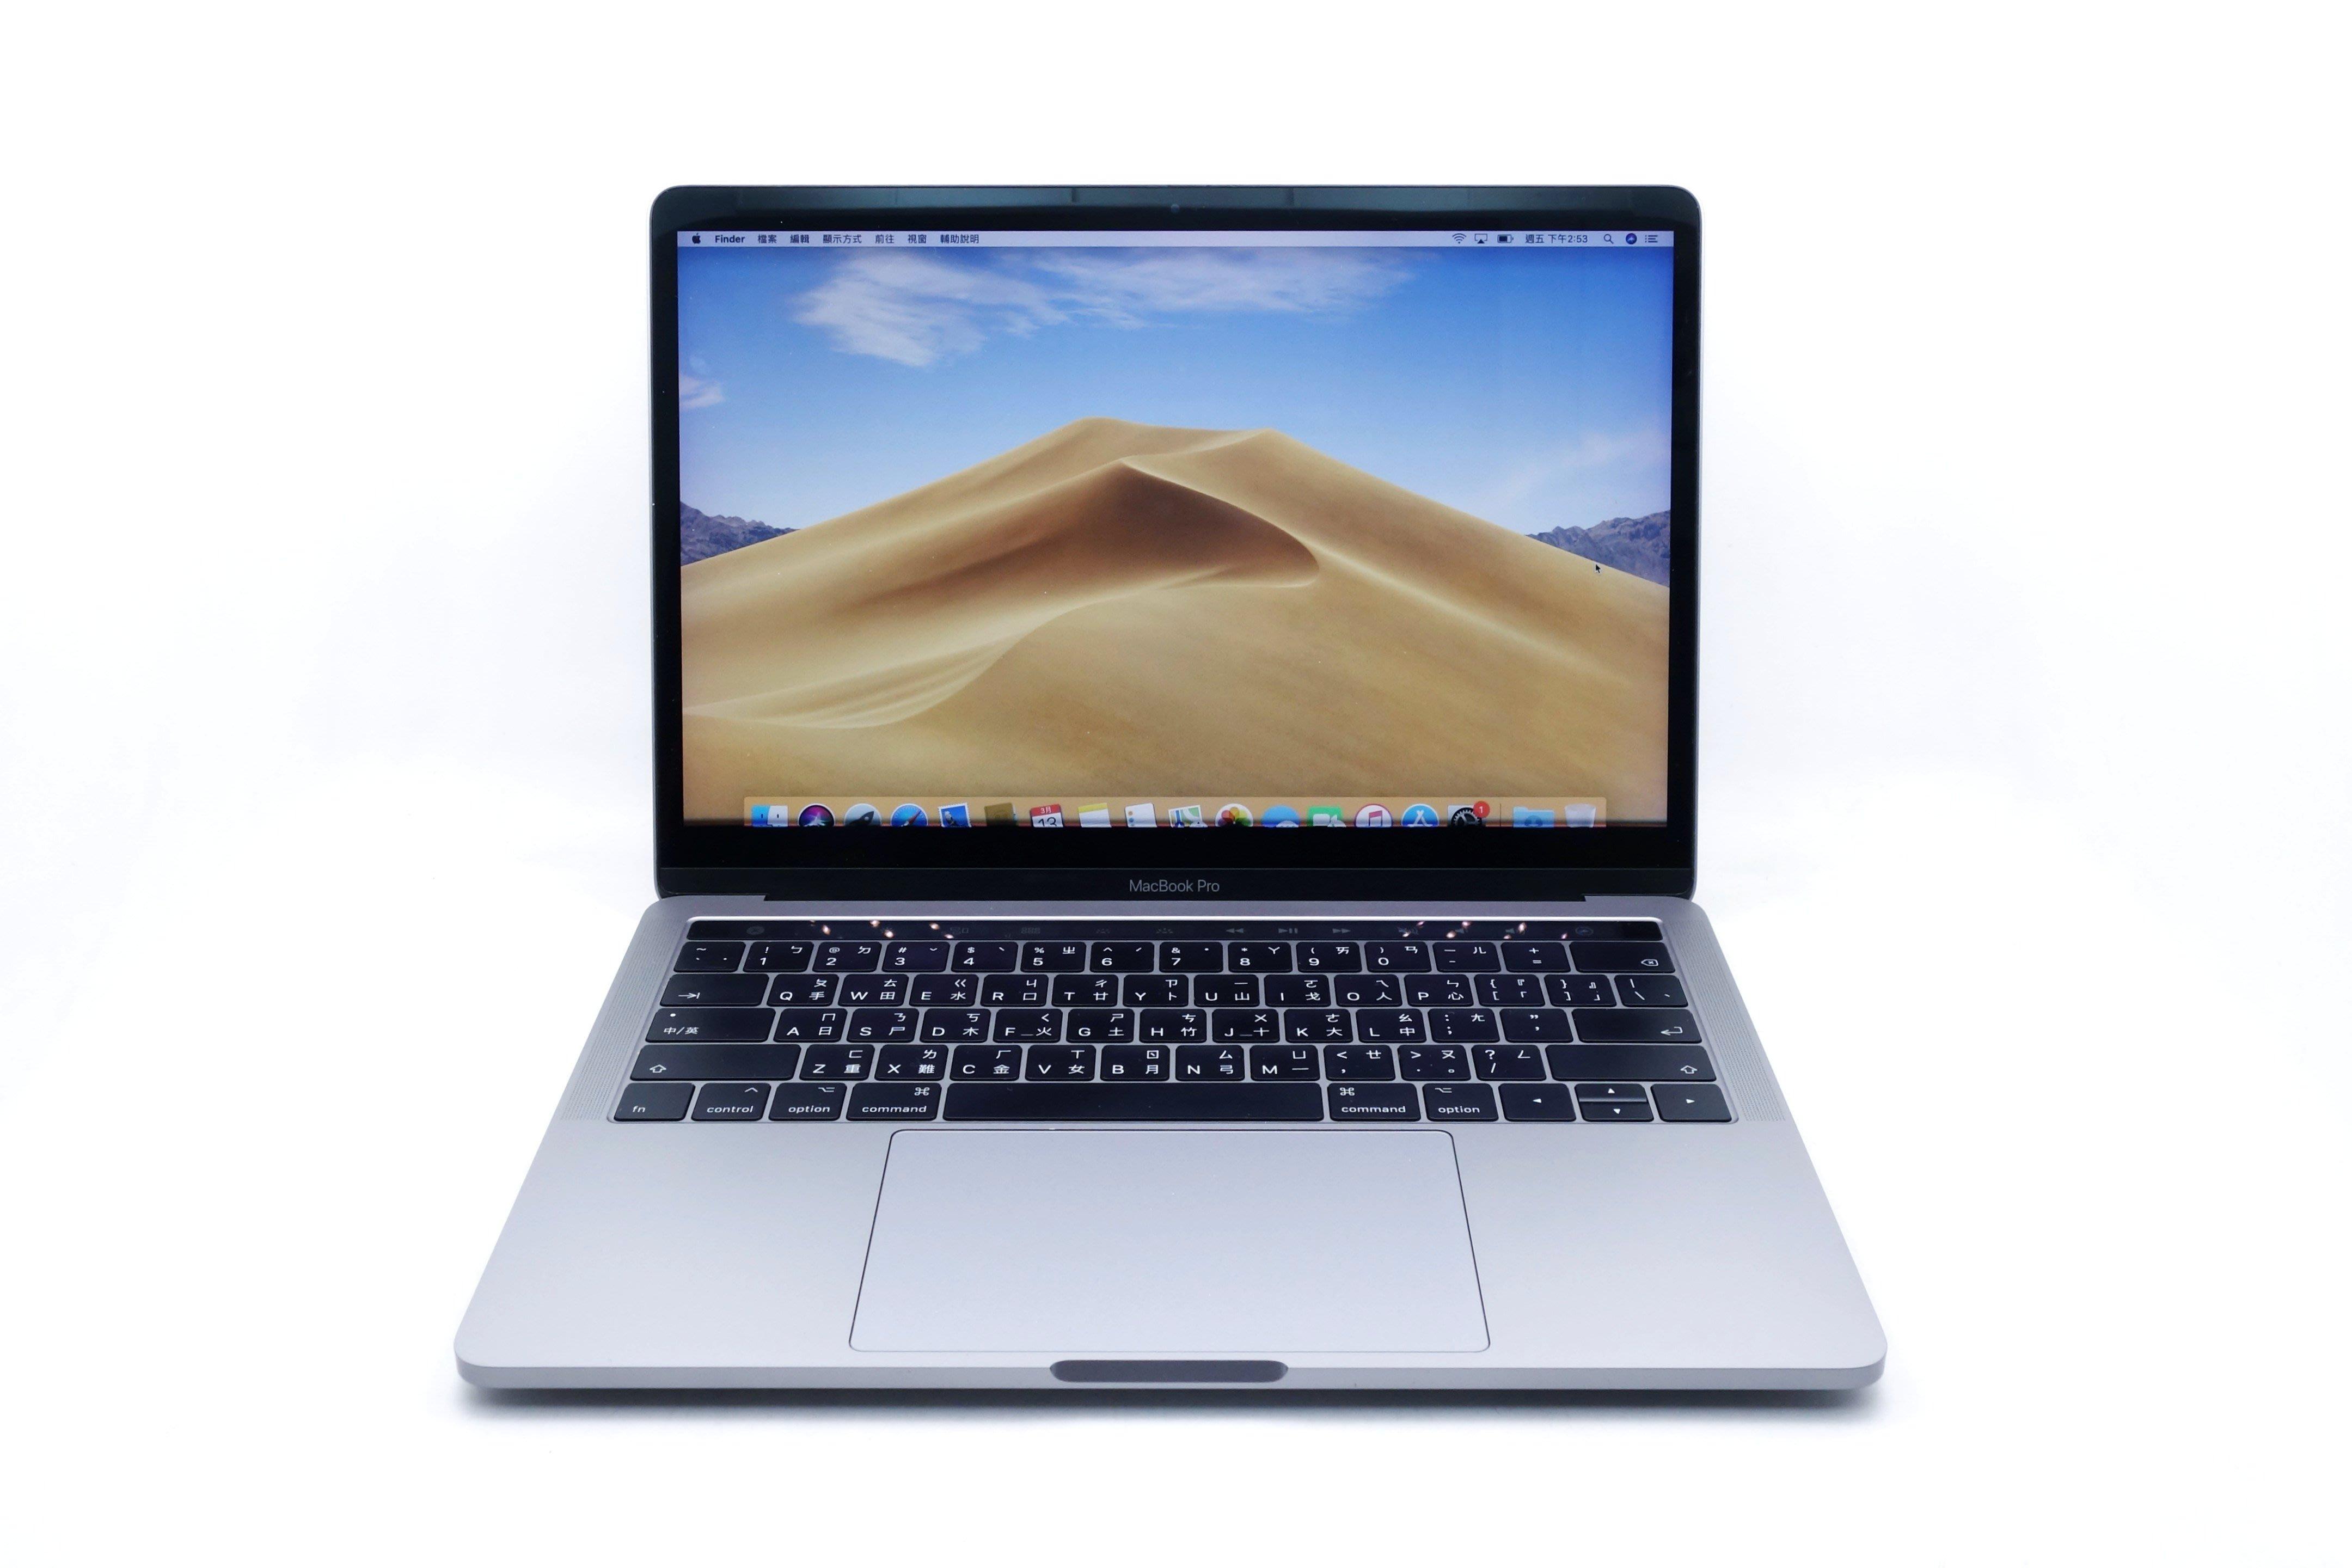 【台中青蘋果競標】MacBook Pro 13吋 i5 3.1 8G 512G SSD 瑕疵機出售 #47625